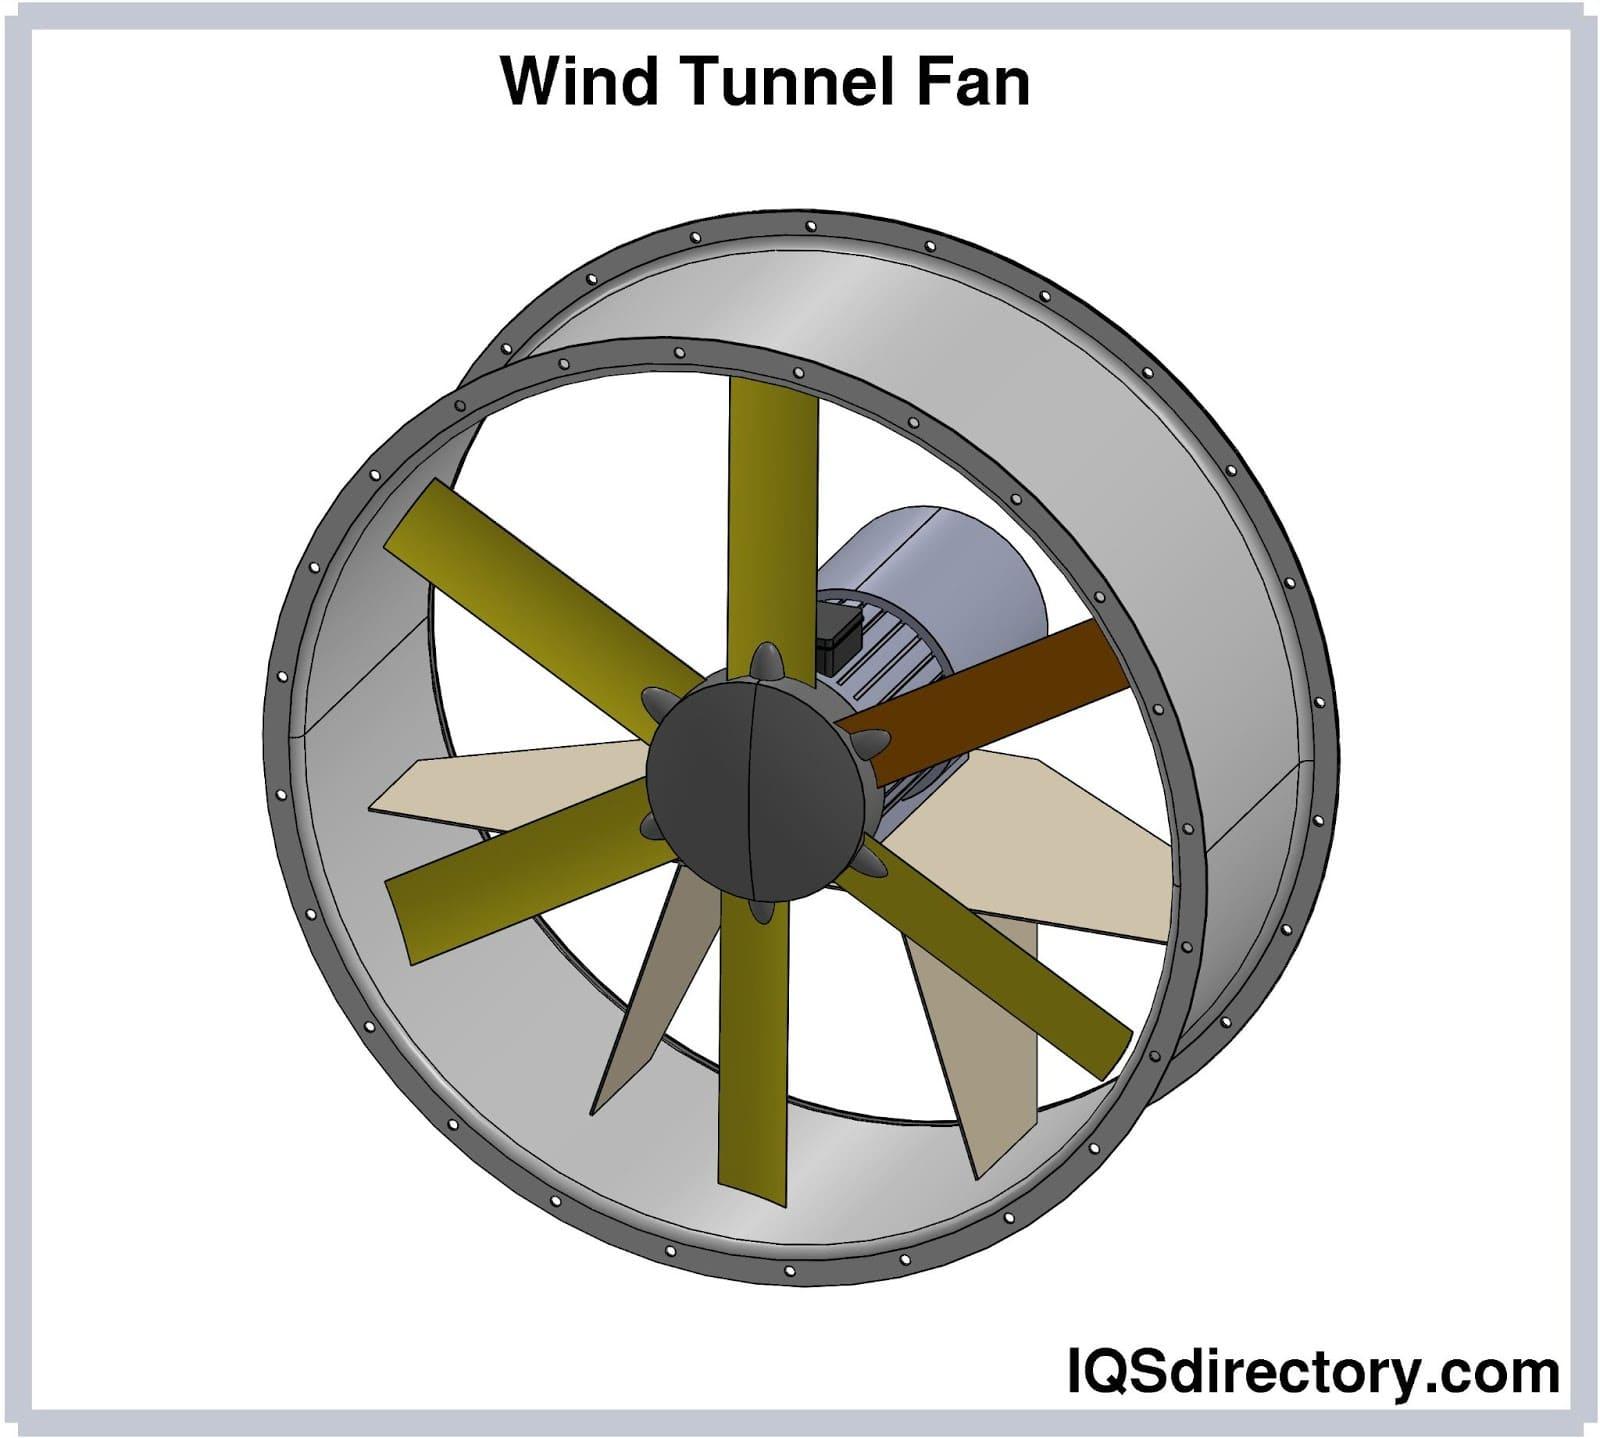 Wind Tunnel Fan